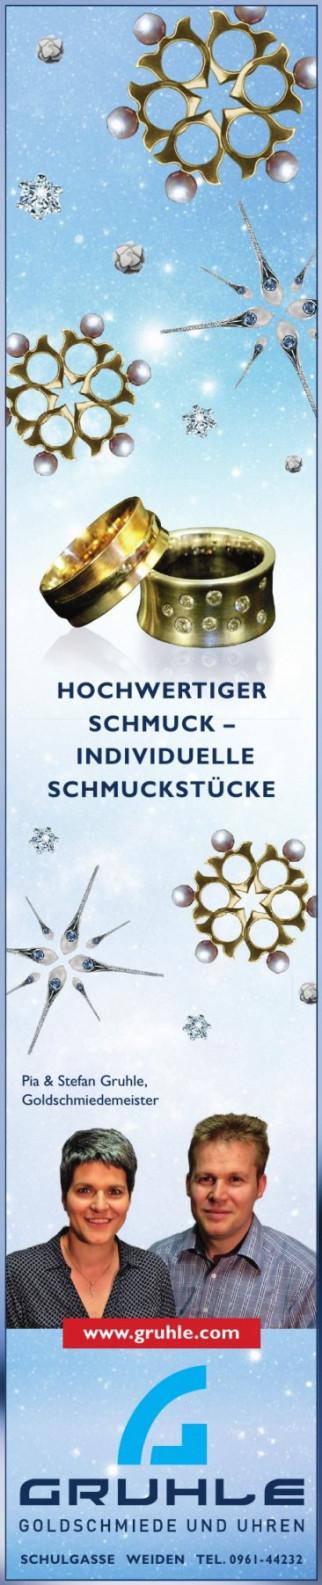 Gruhle - Goldschmiede und Uhren